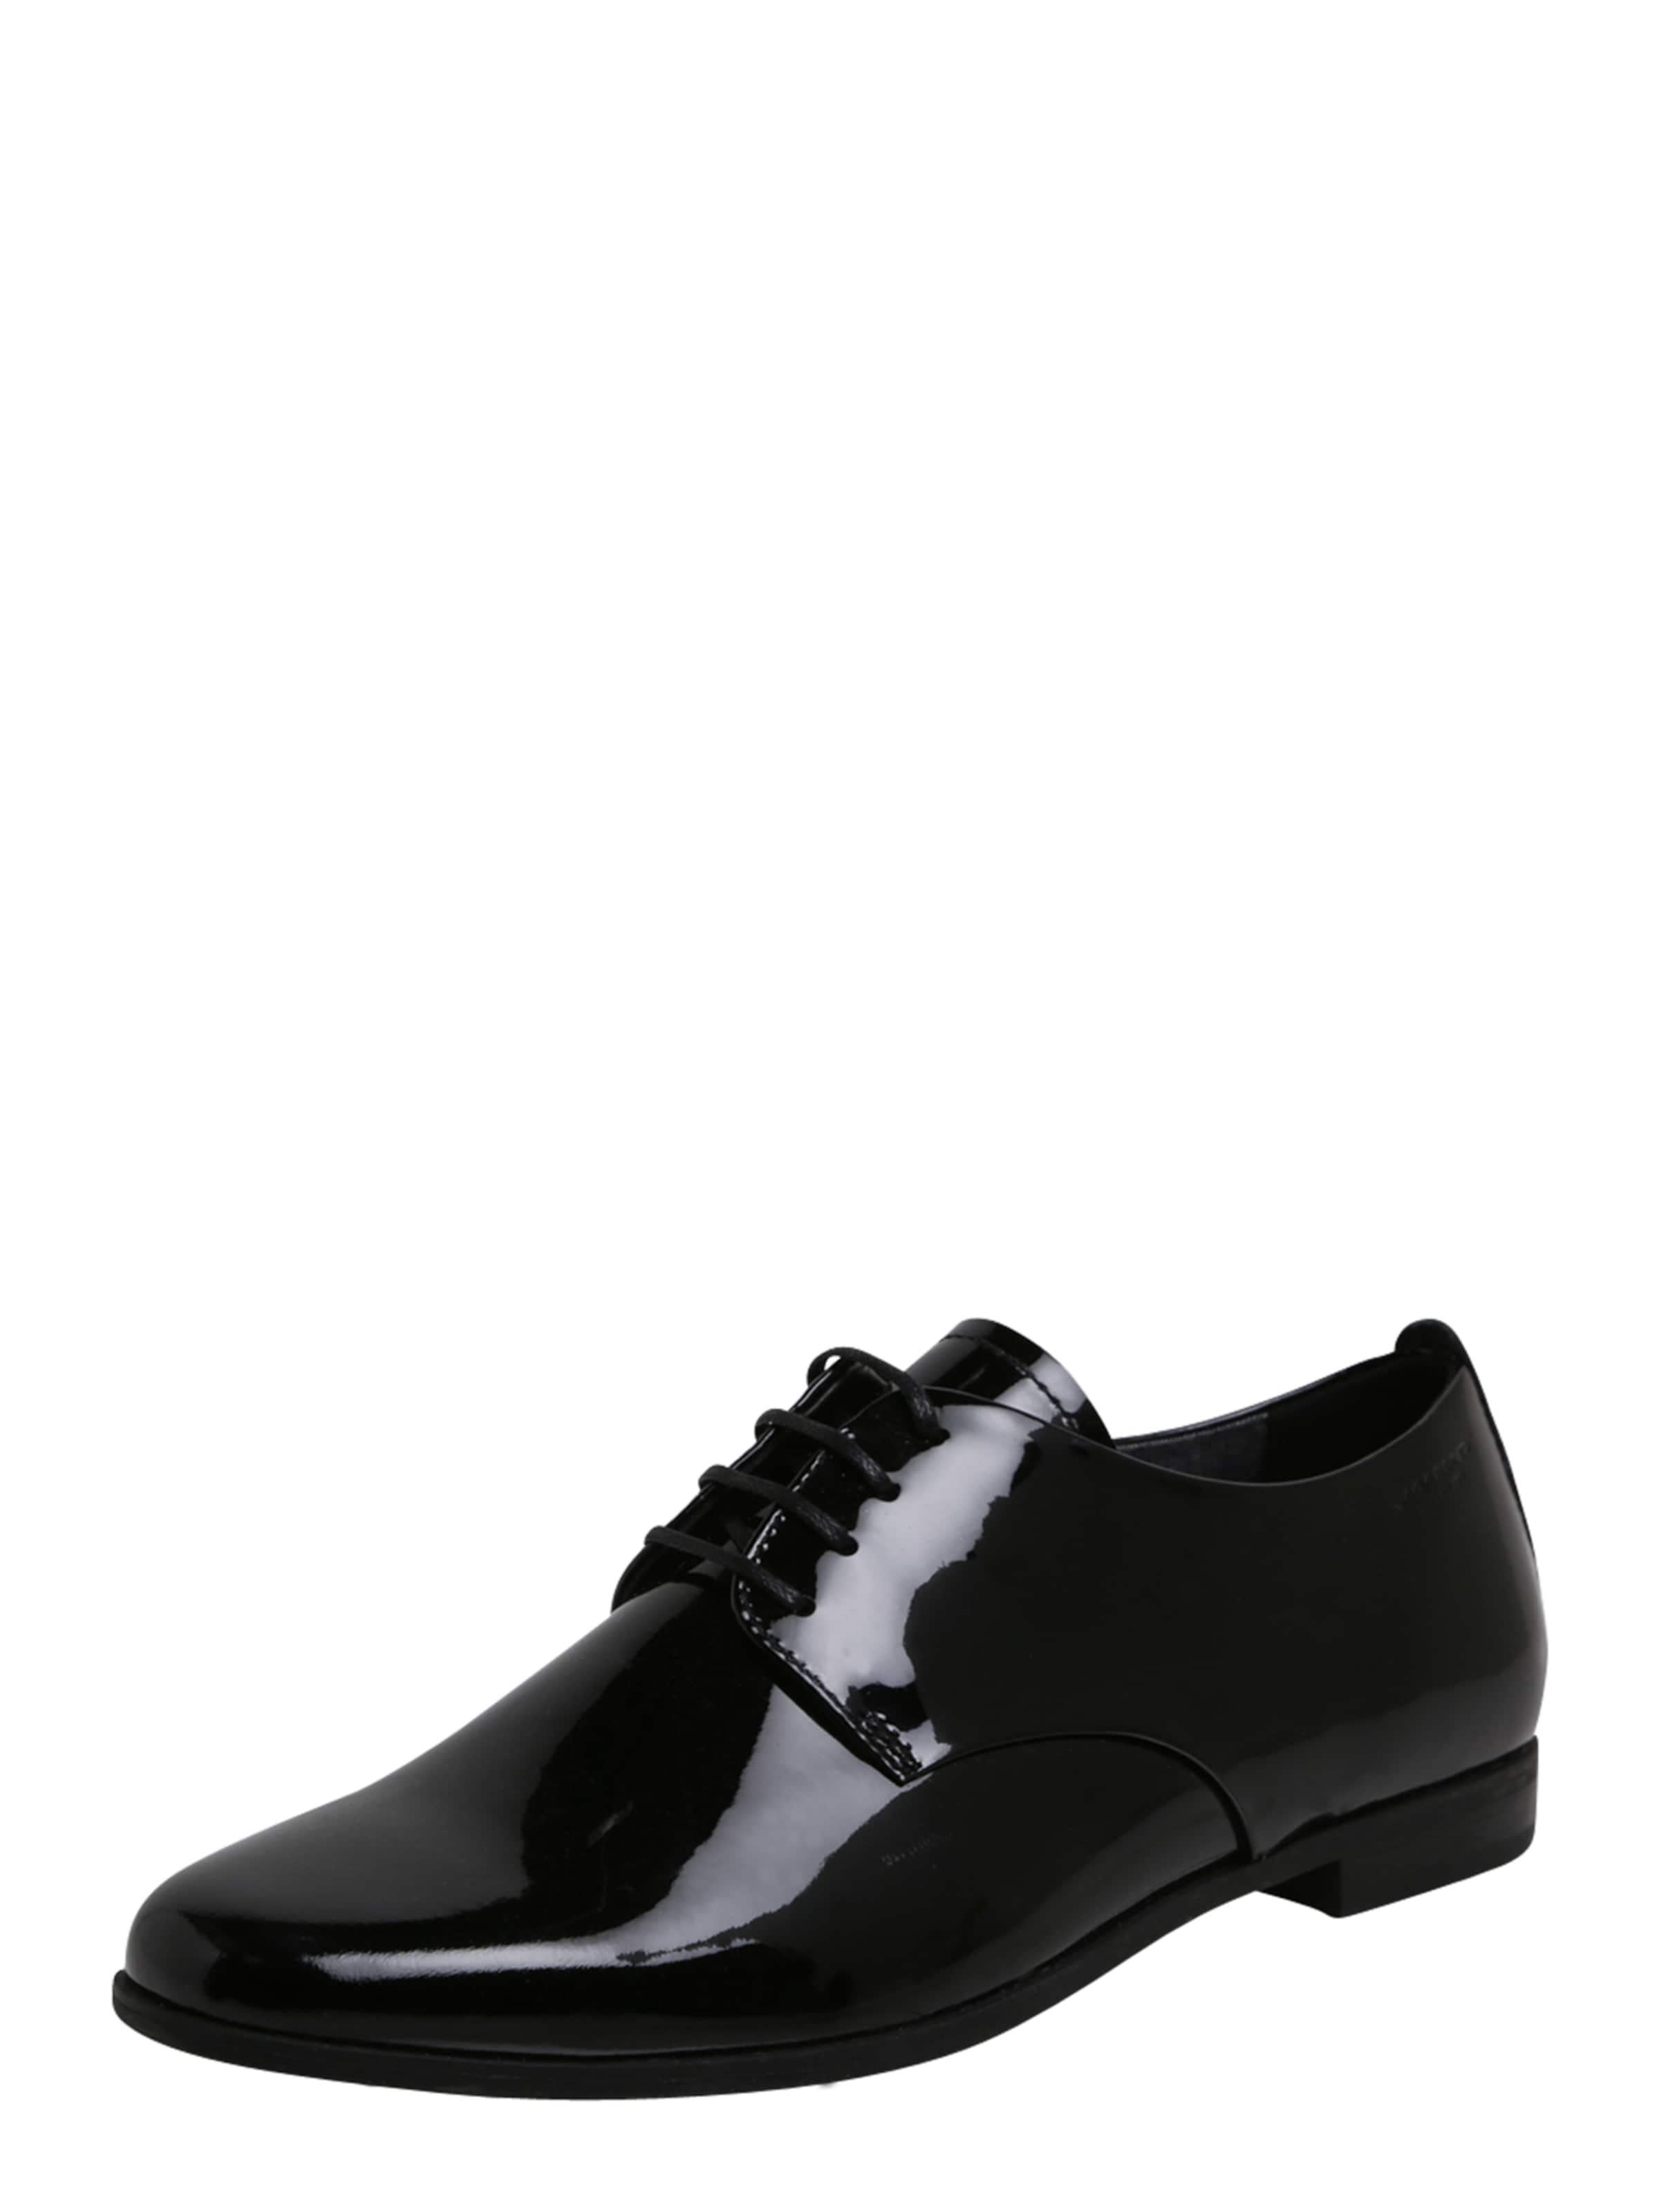 VAGABOND SHOEMAKERS Schuhe Marilyn Verschleißfeste billige Schuhe